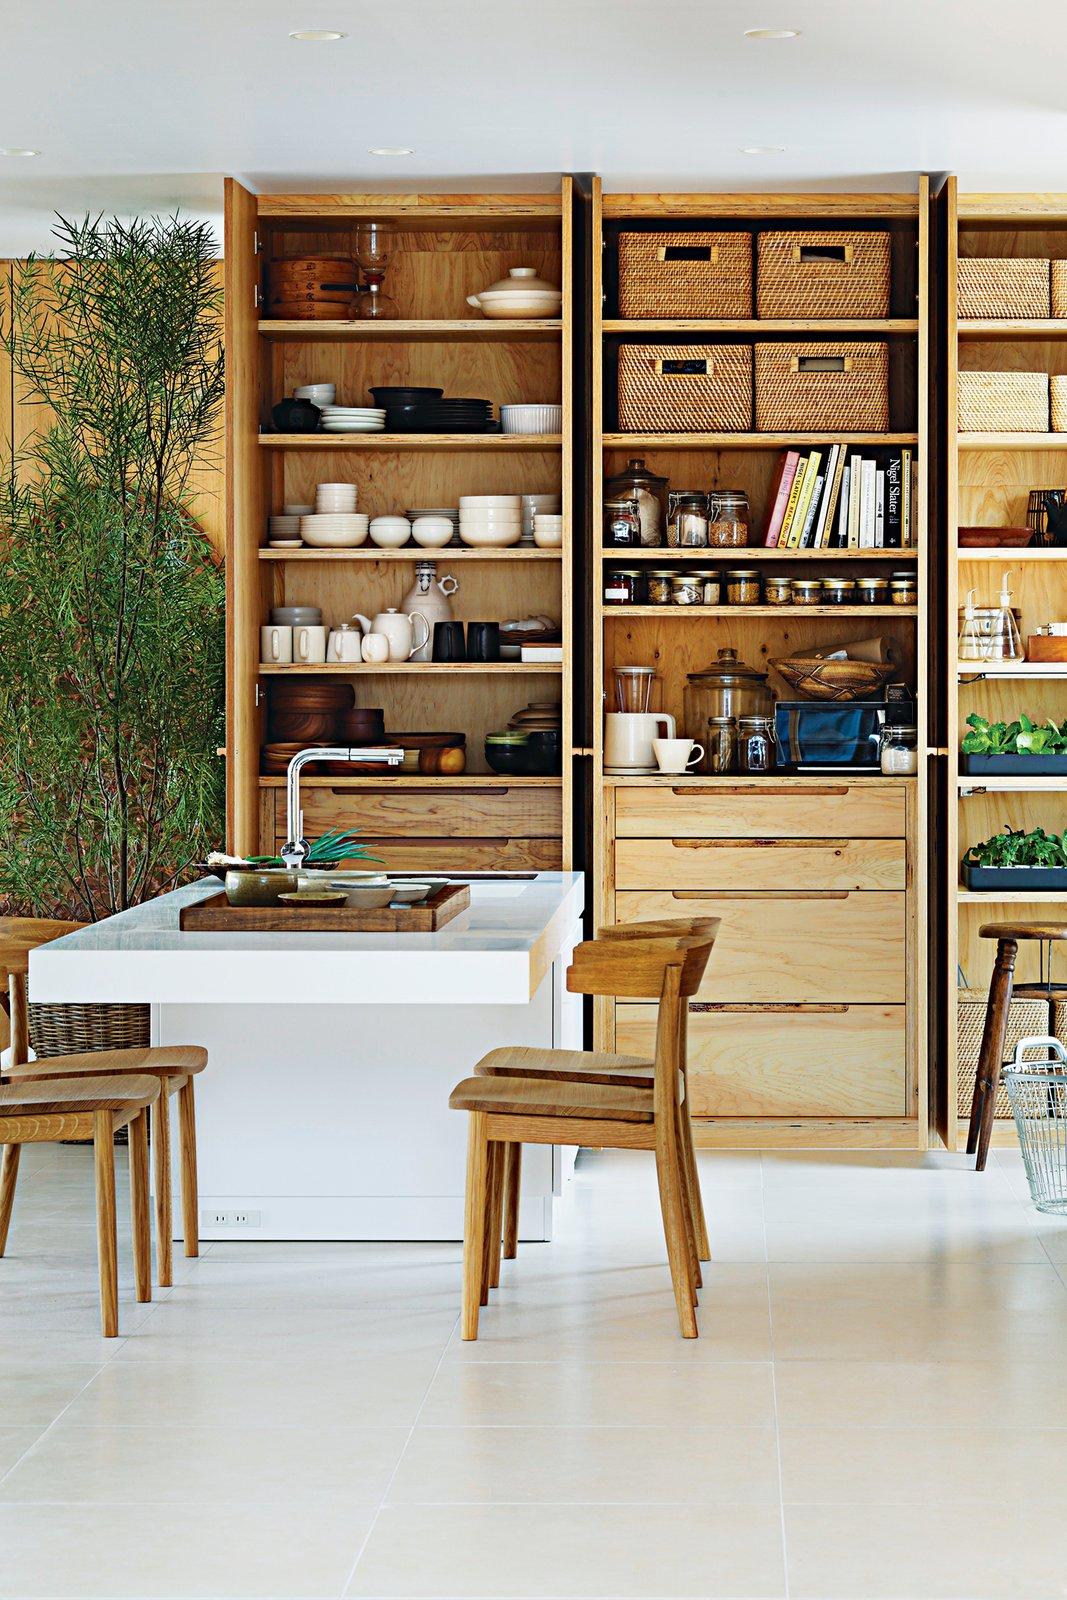 Q&A with Japanese Architect Shigeru Ban